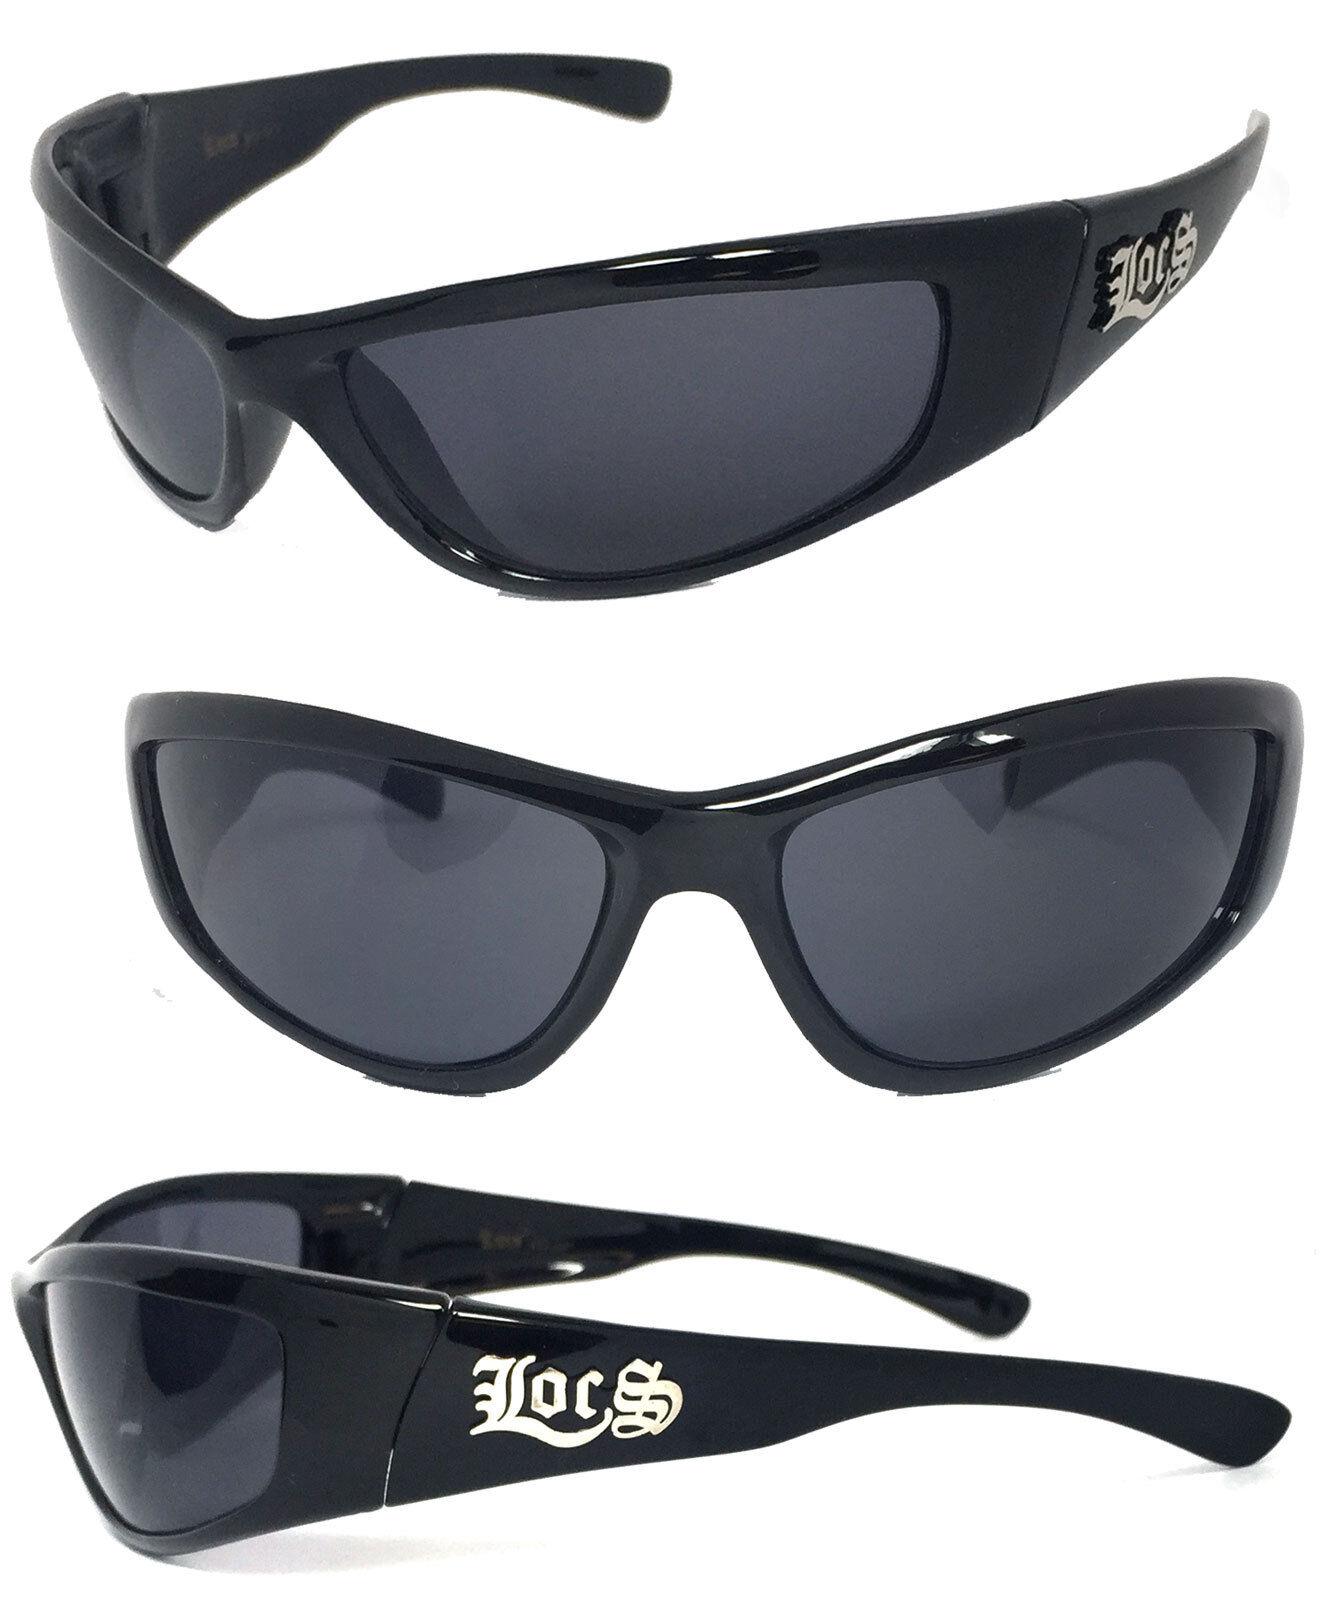 de294cc316 Locs Mens Cholo Biker Wrap Sunglasses UV Protect - Shiny Black Frame ...